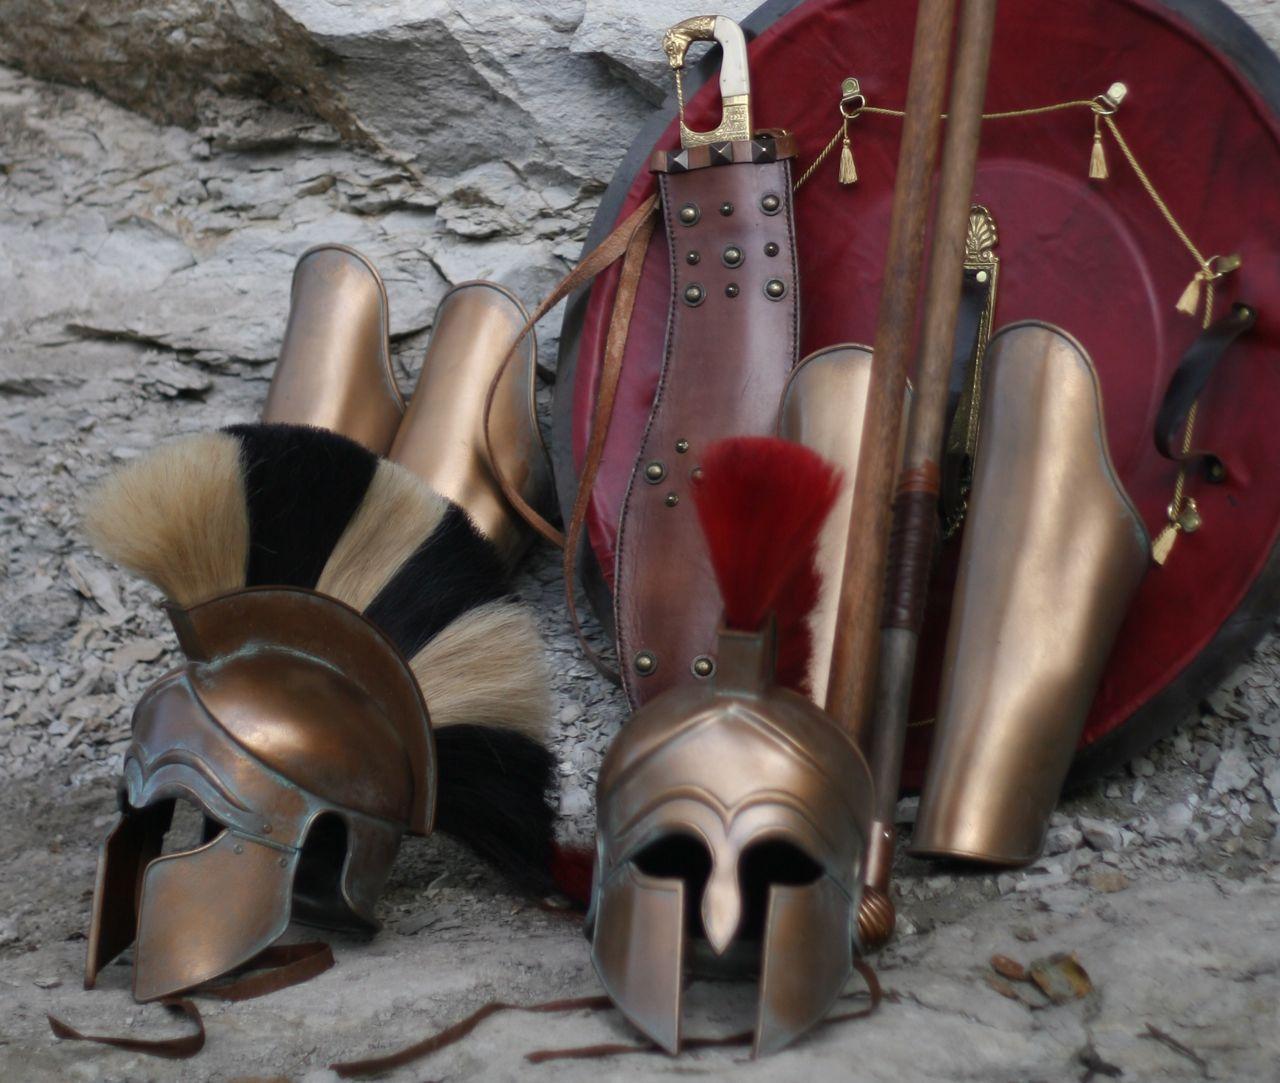 Обои гоплит, рисунок, Античность, Коринфский шлем, Древняя Греция, «воин»). Разное foto 8